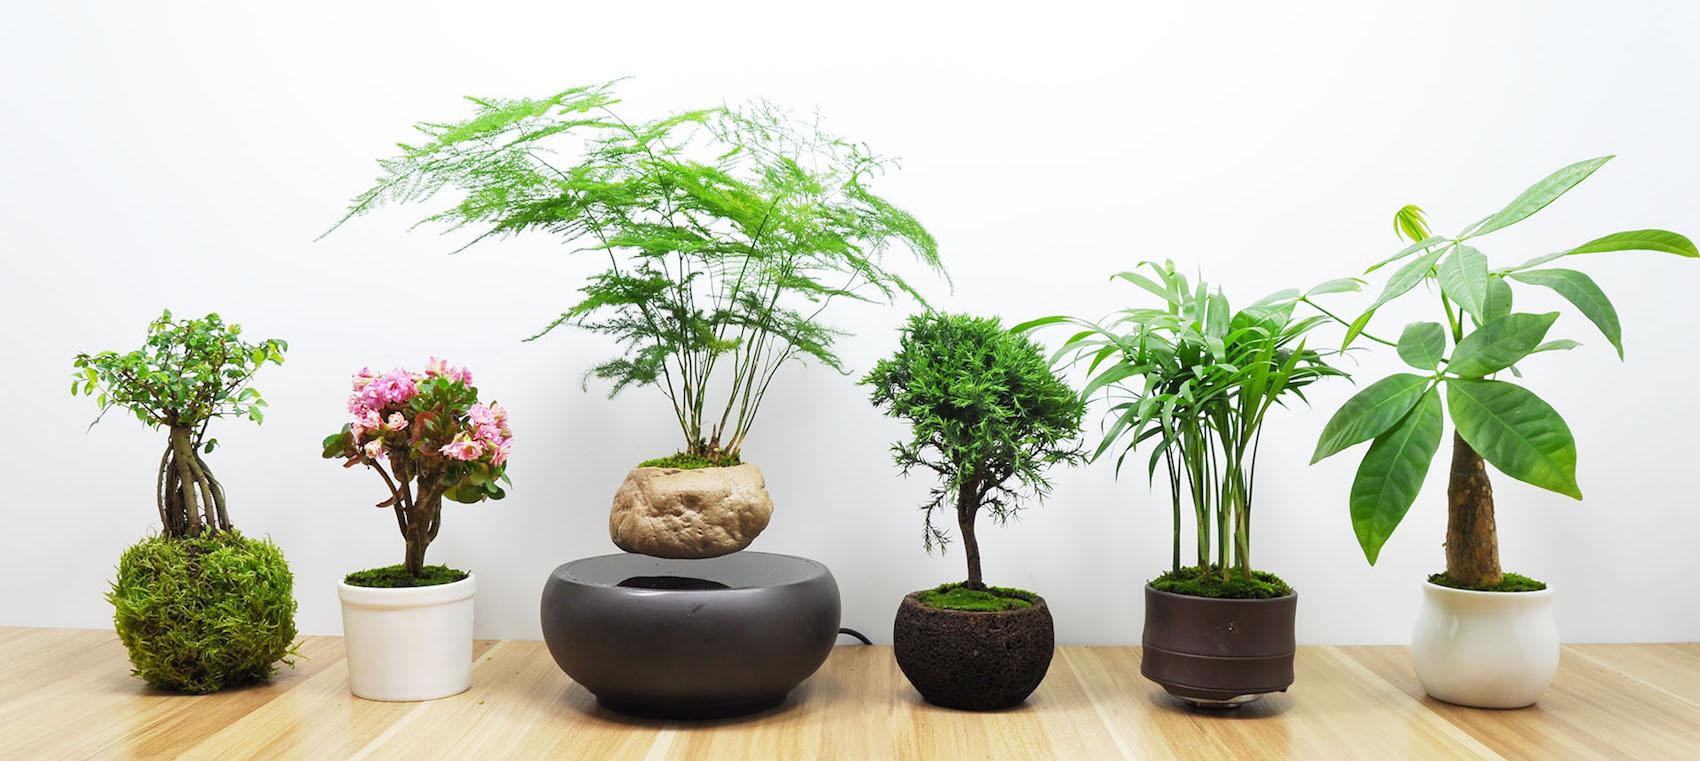 Bildquelle: air-bonsai.net – Allen Hu